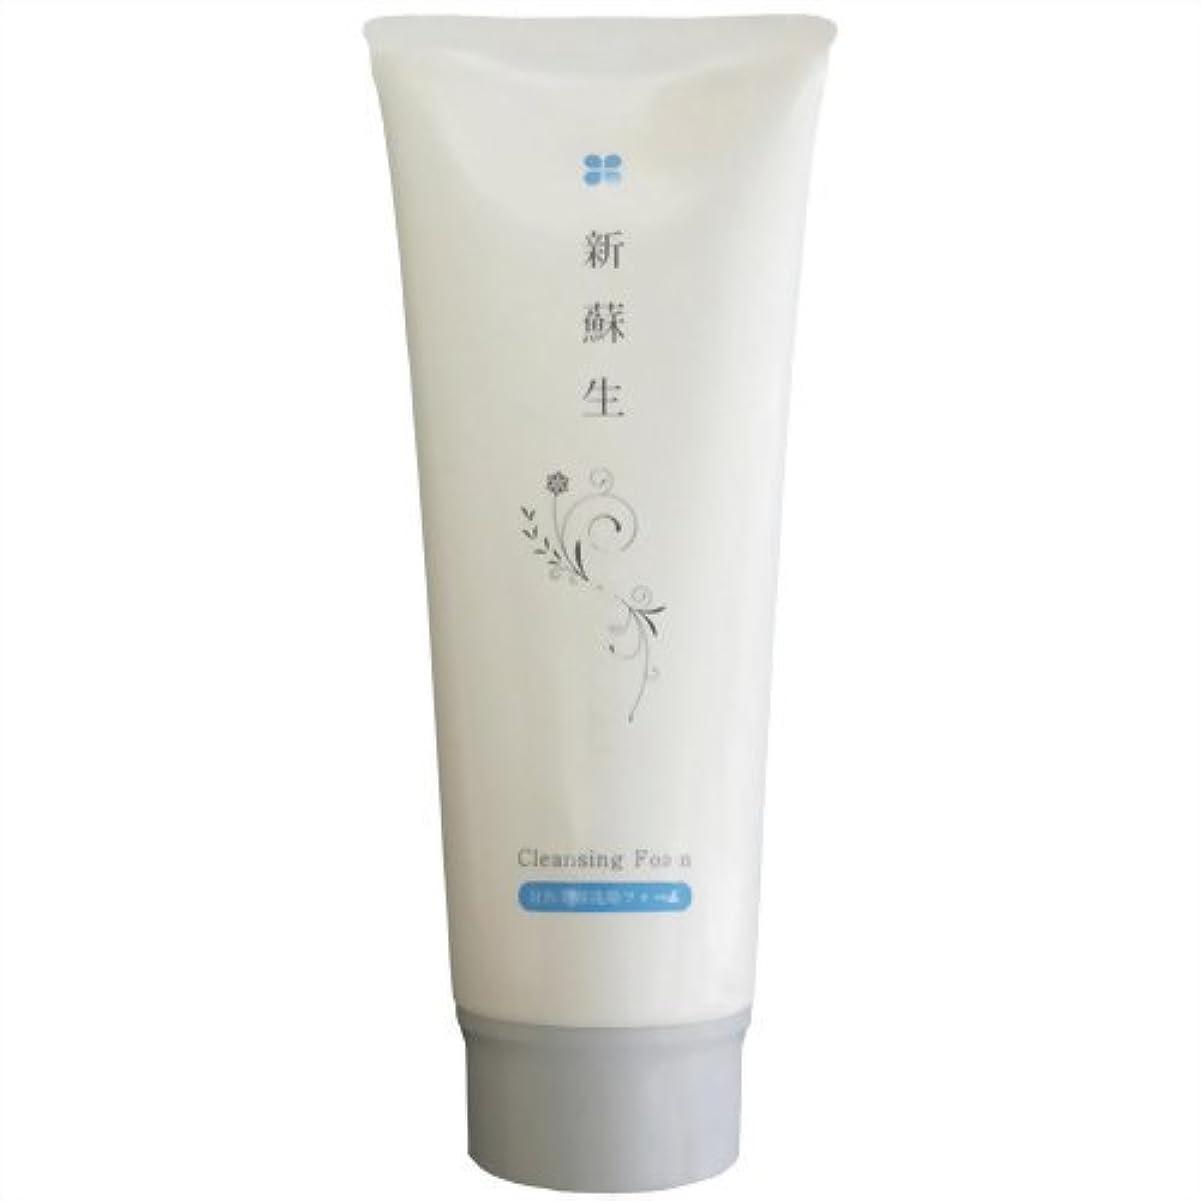 粘り強いインシュレータ製造新蘇生 日医美容洗顔フォーム 120g